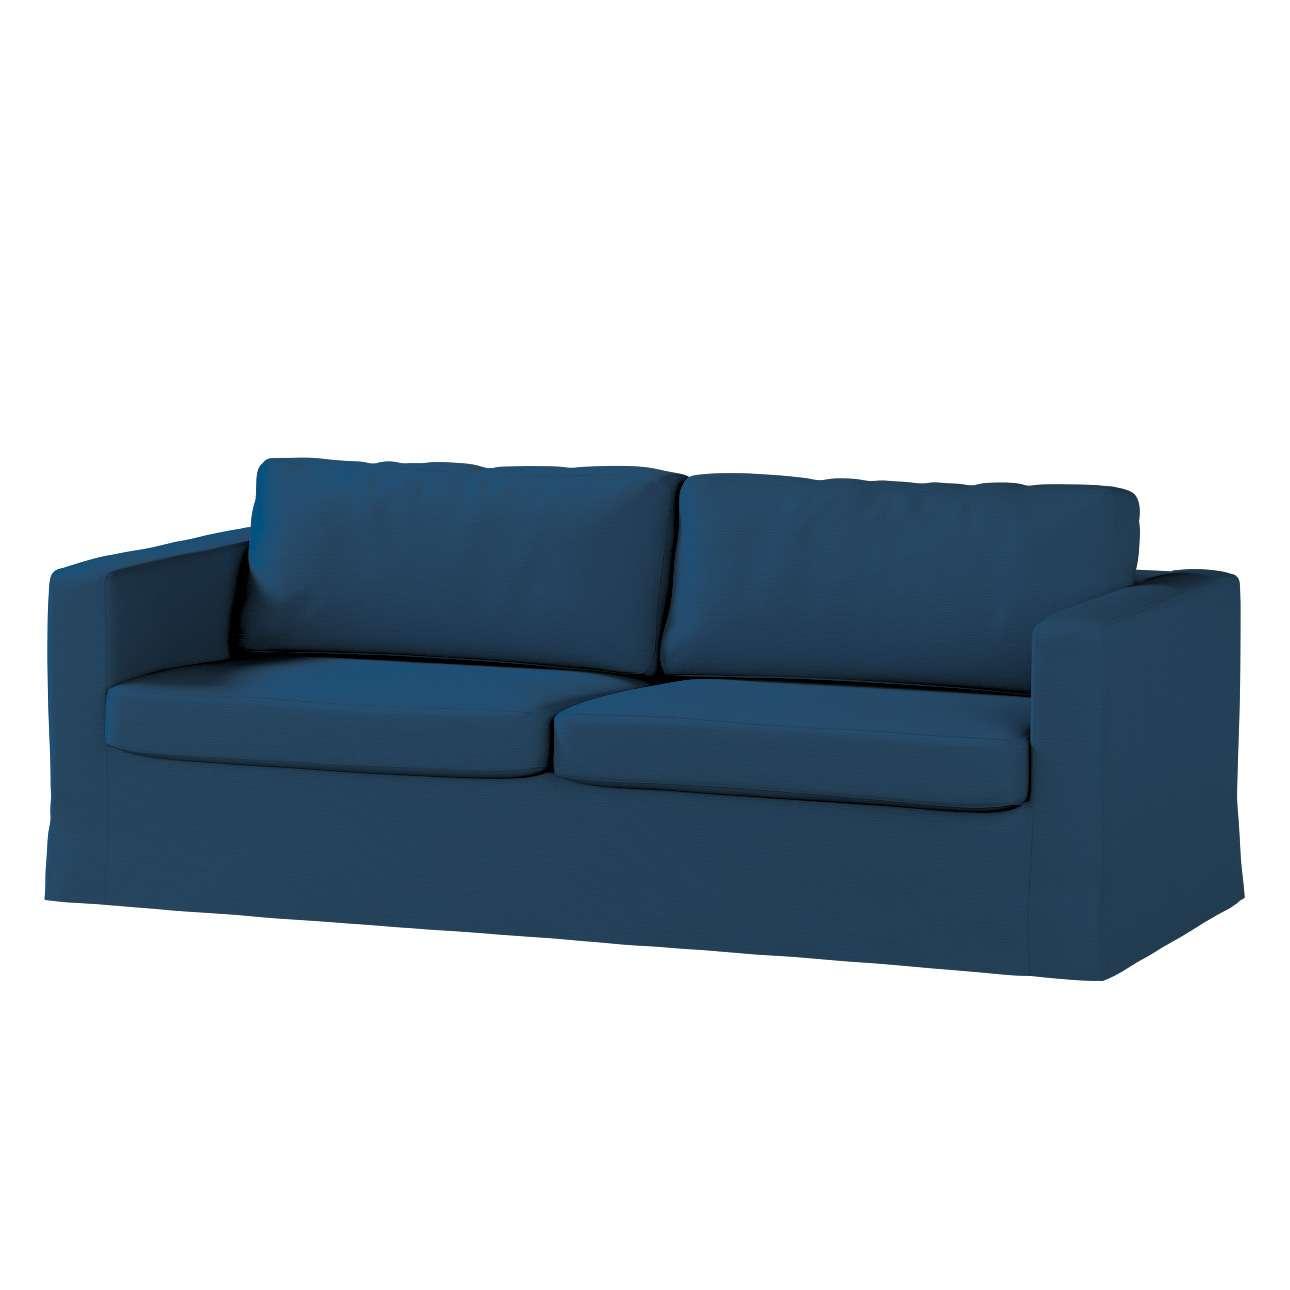 Karlstad klädsel 3 sits soffa lång, Blå Dekoria